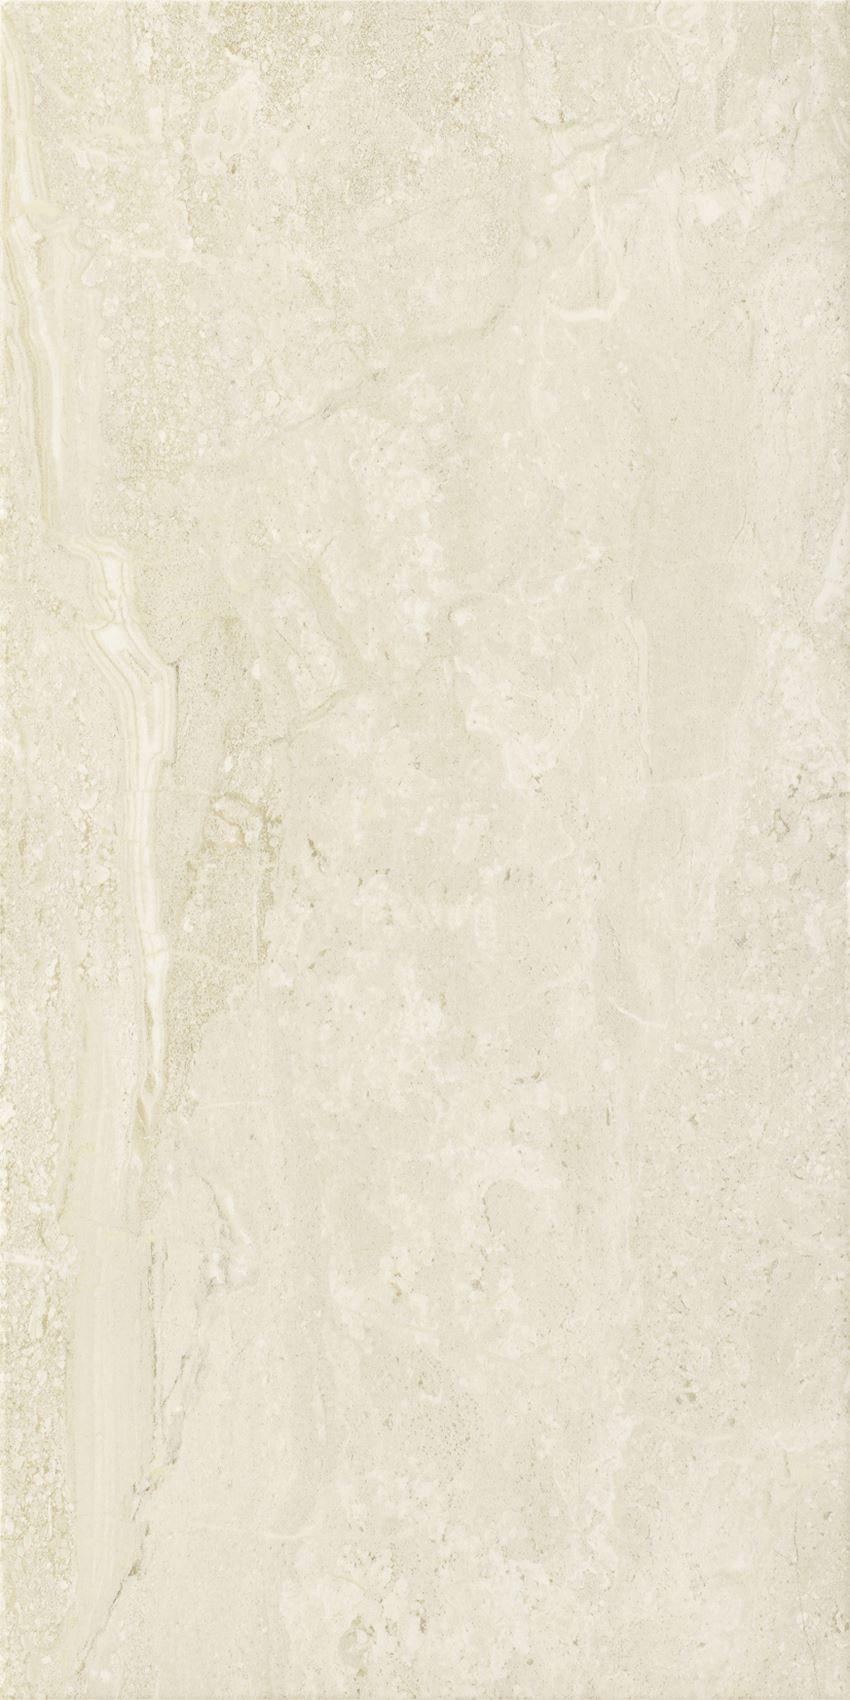 Płytka ścienna 30x60 cm Paradyż Coraline Beige Ściana